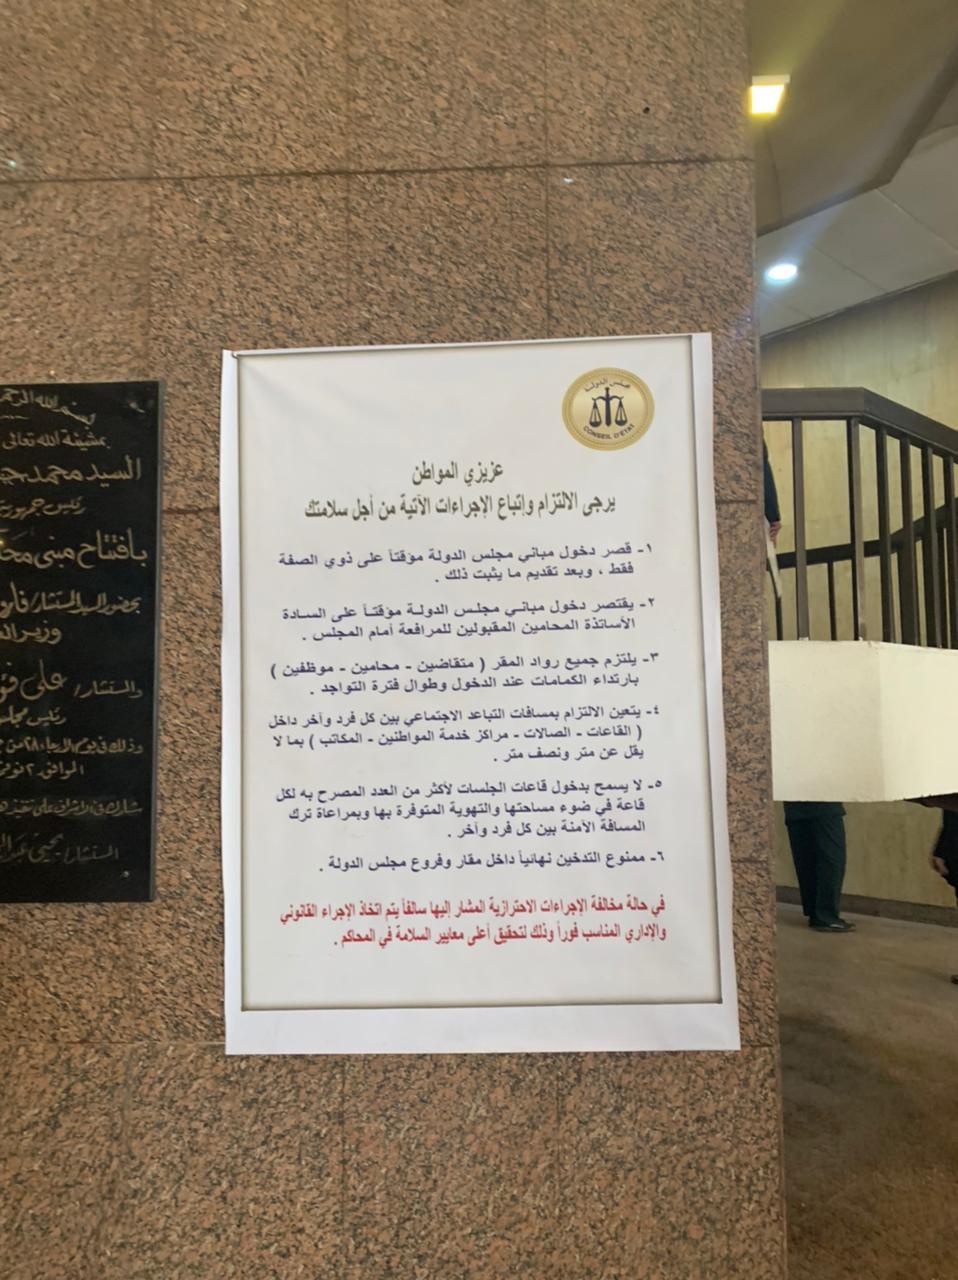 تنبيهات داخل مبنى مجلس الدولة (2)